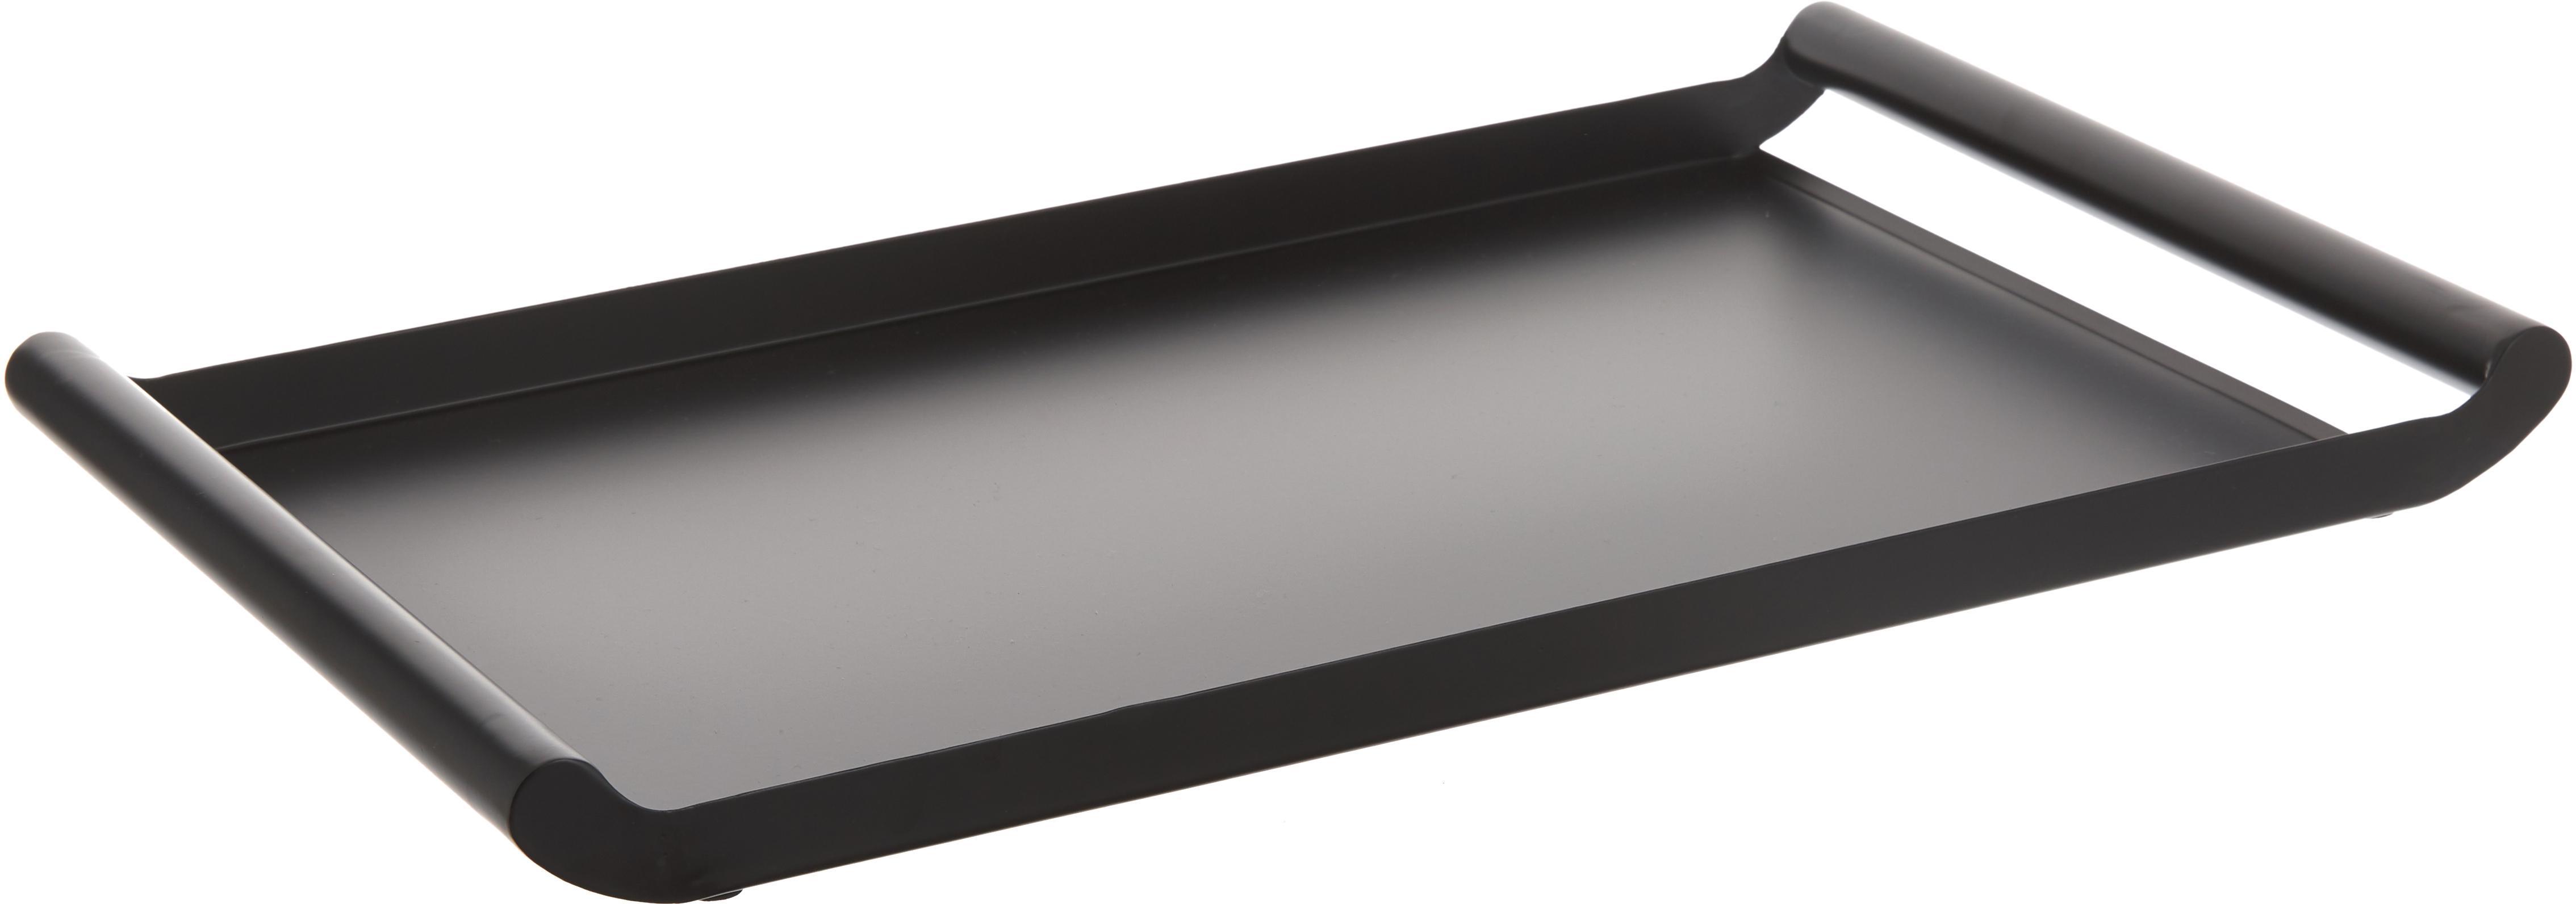 Dienblad Charlie in zwart, Gecoat metaal, Zwart, B 50 x D 30 cm